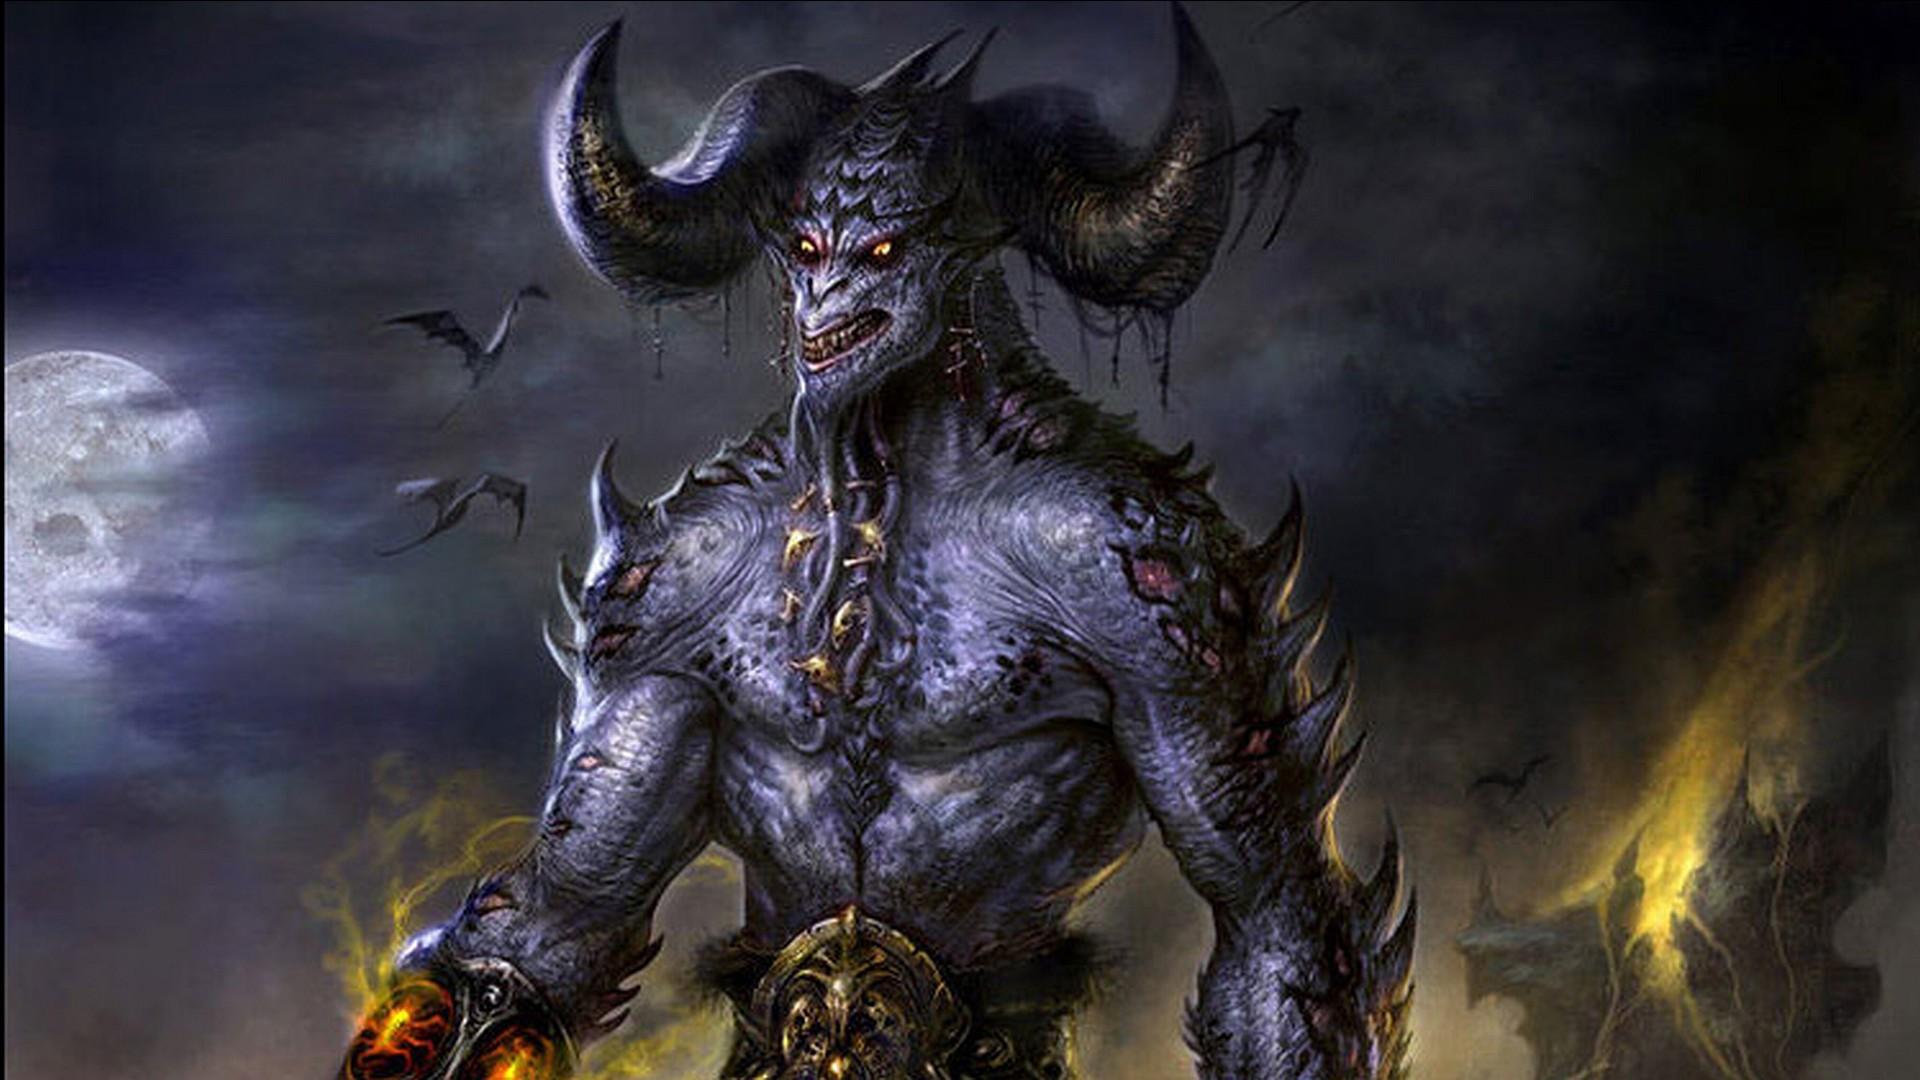 free Dark-Demon wallpaper, resolution : 1920 x tags: Dark, Demon.